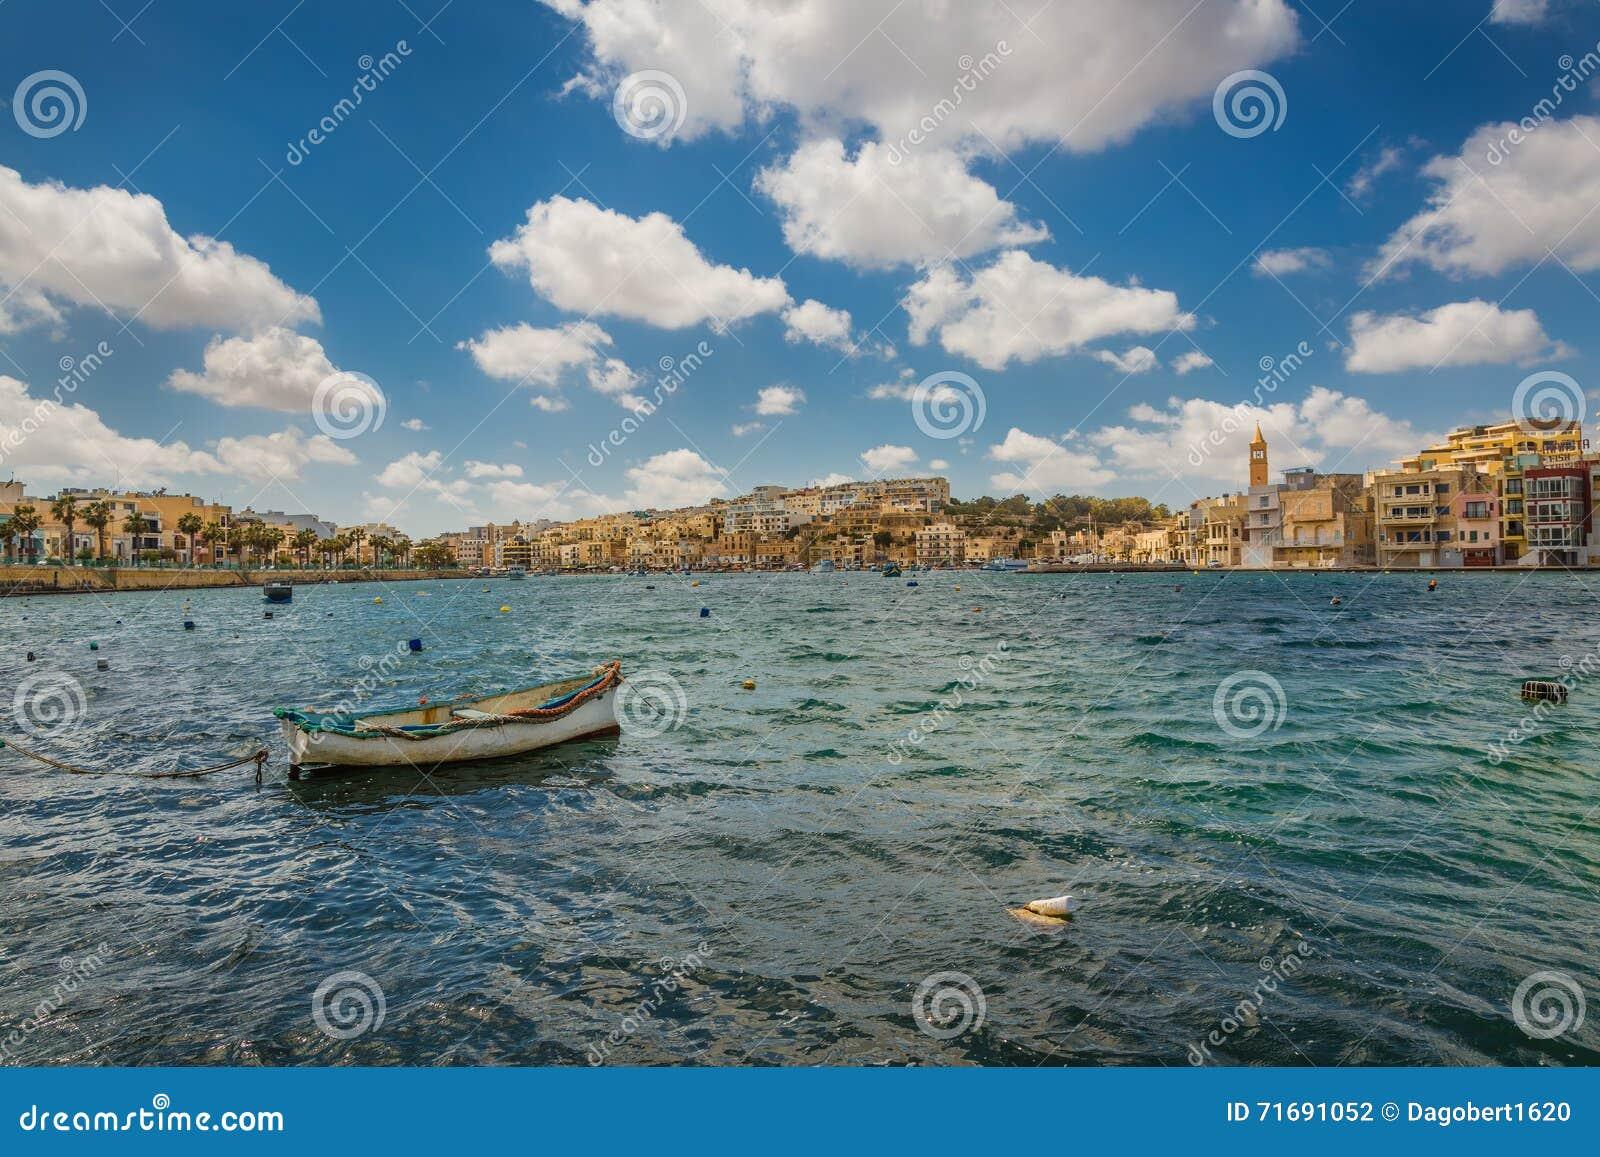 Località Di Soggiorno Marsaskala, Malta Fotografia Editoriale ...